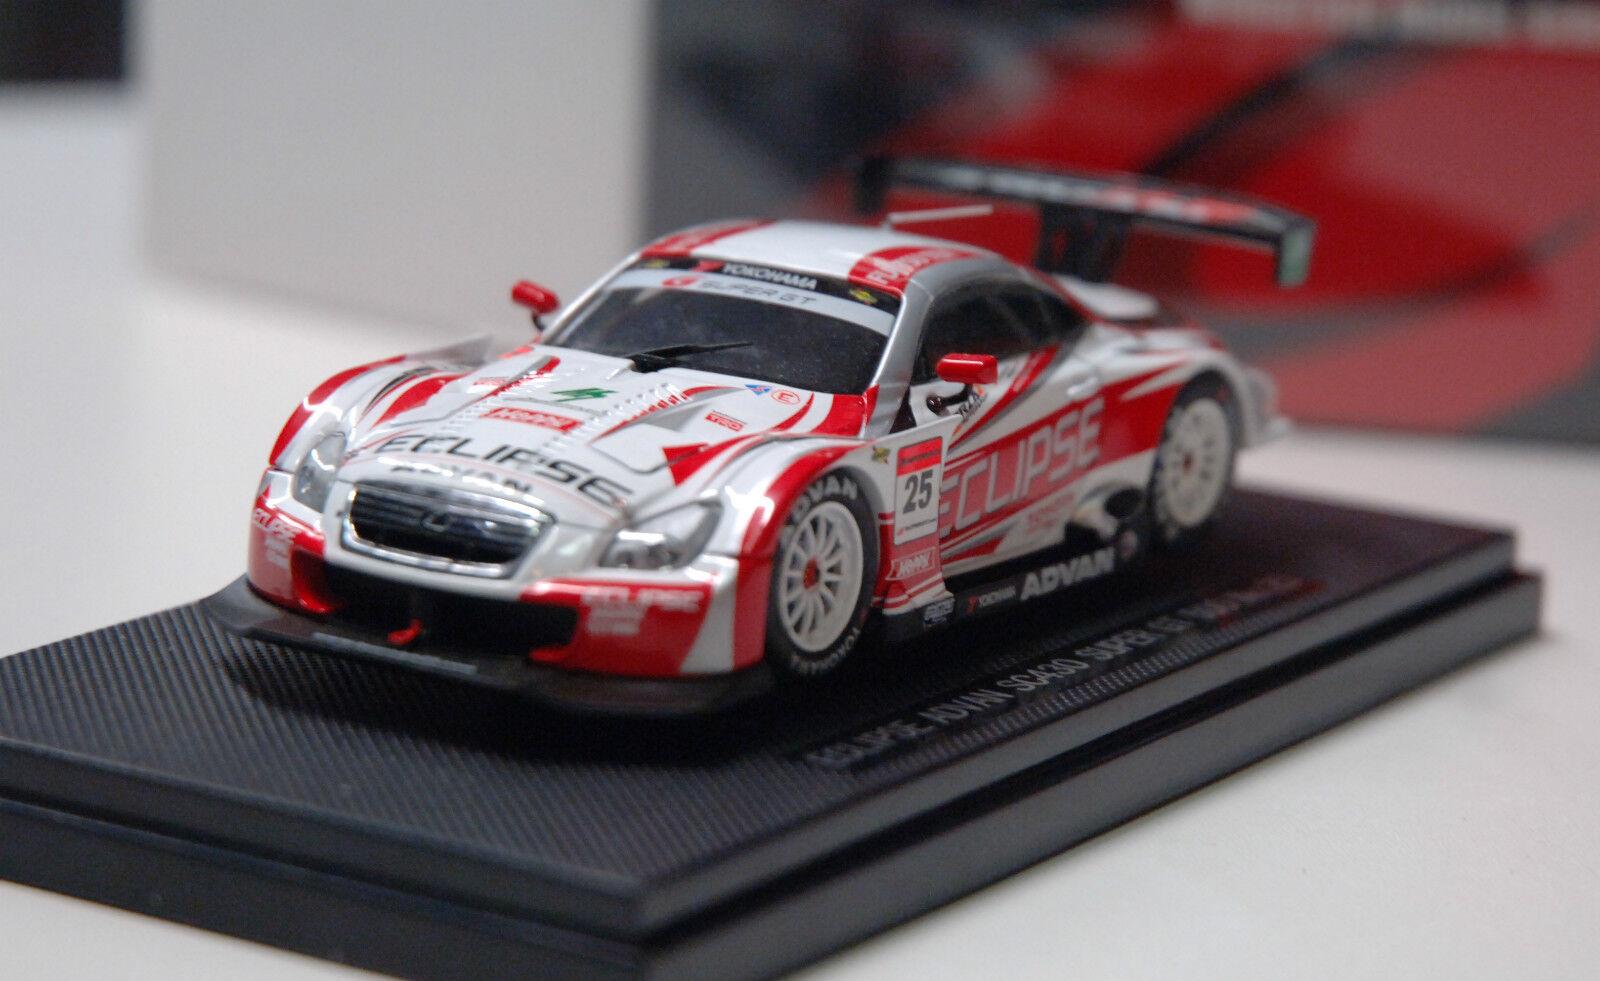 1 43ème LEXUS ECLIPSE ADVAN SC430 SUPER GT 500 N°25 2007 - EBBRO réf 906